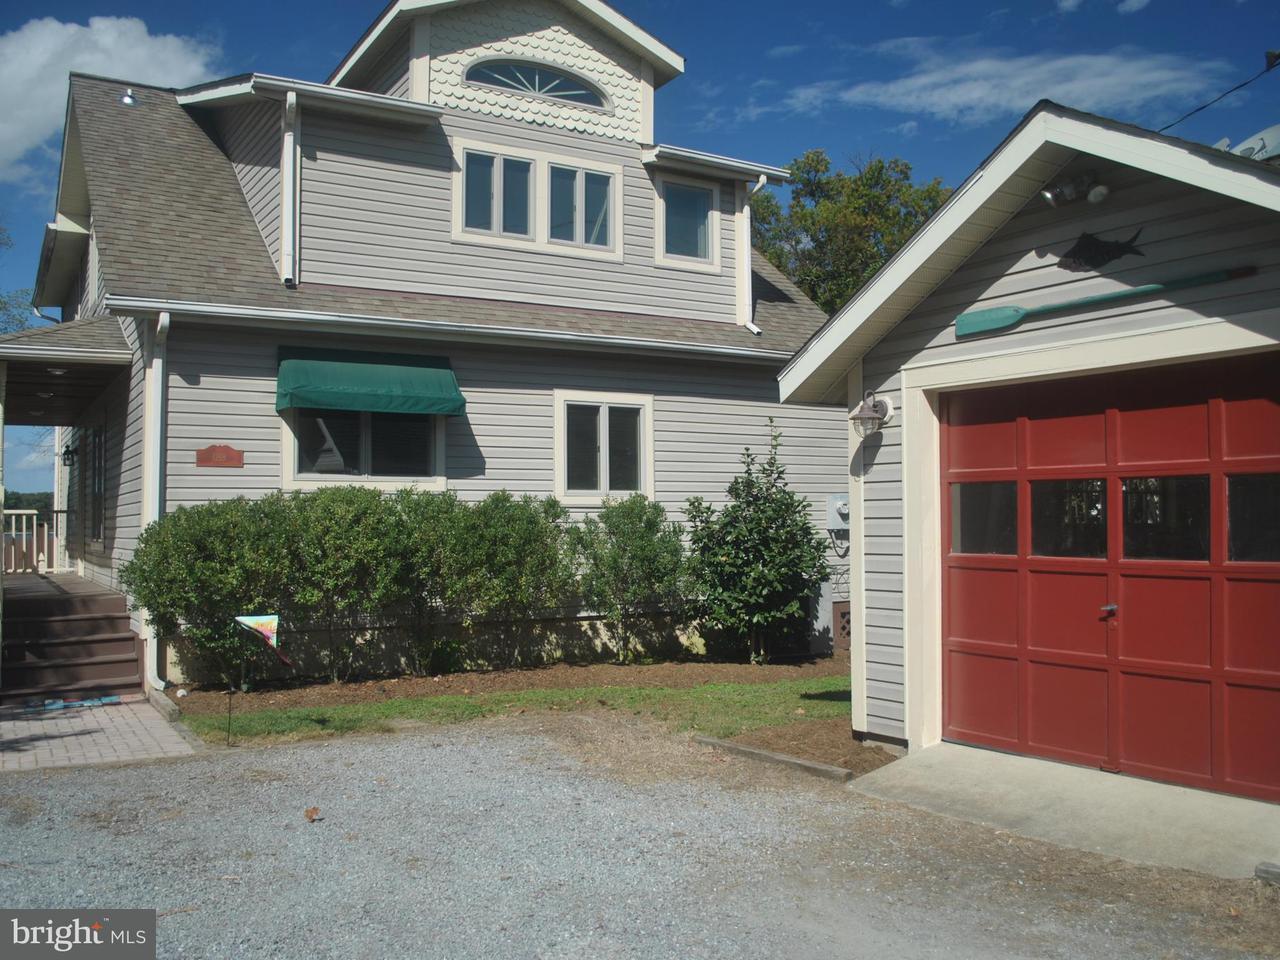 단독 가정 주택 용 매매 에 1218 HAYES ROAD 1218 HAYES ROAD Shady Side, 메릴랜드 20764 미국